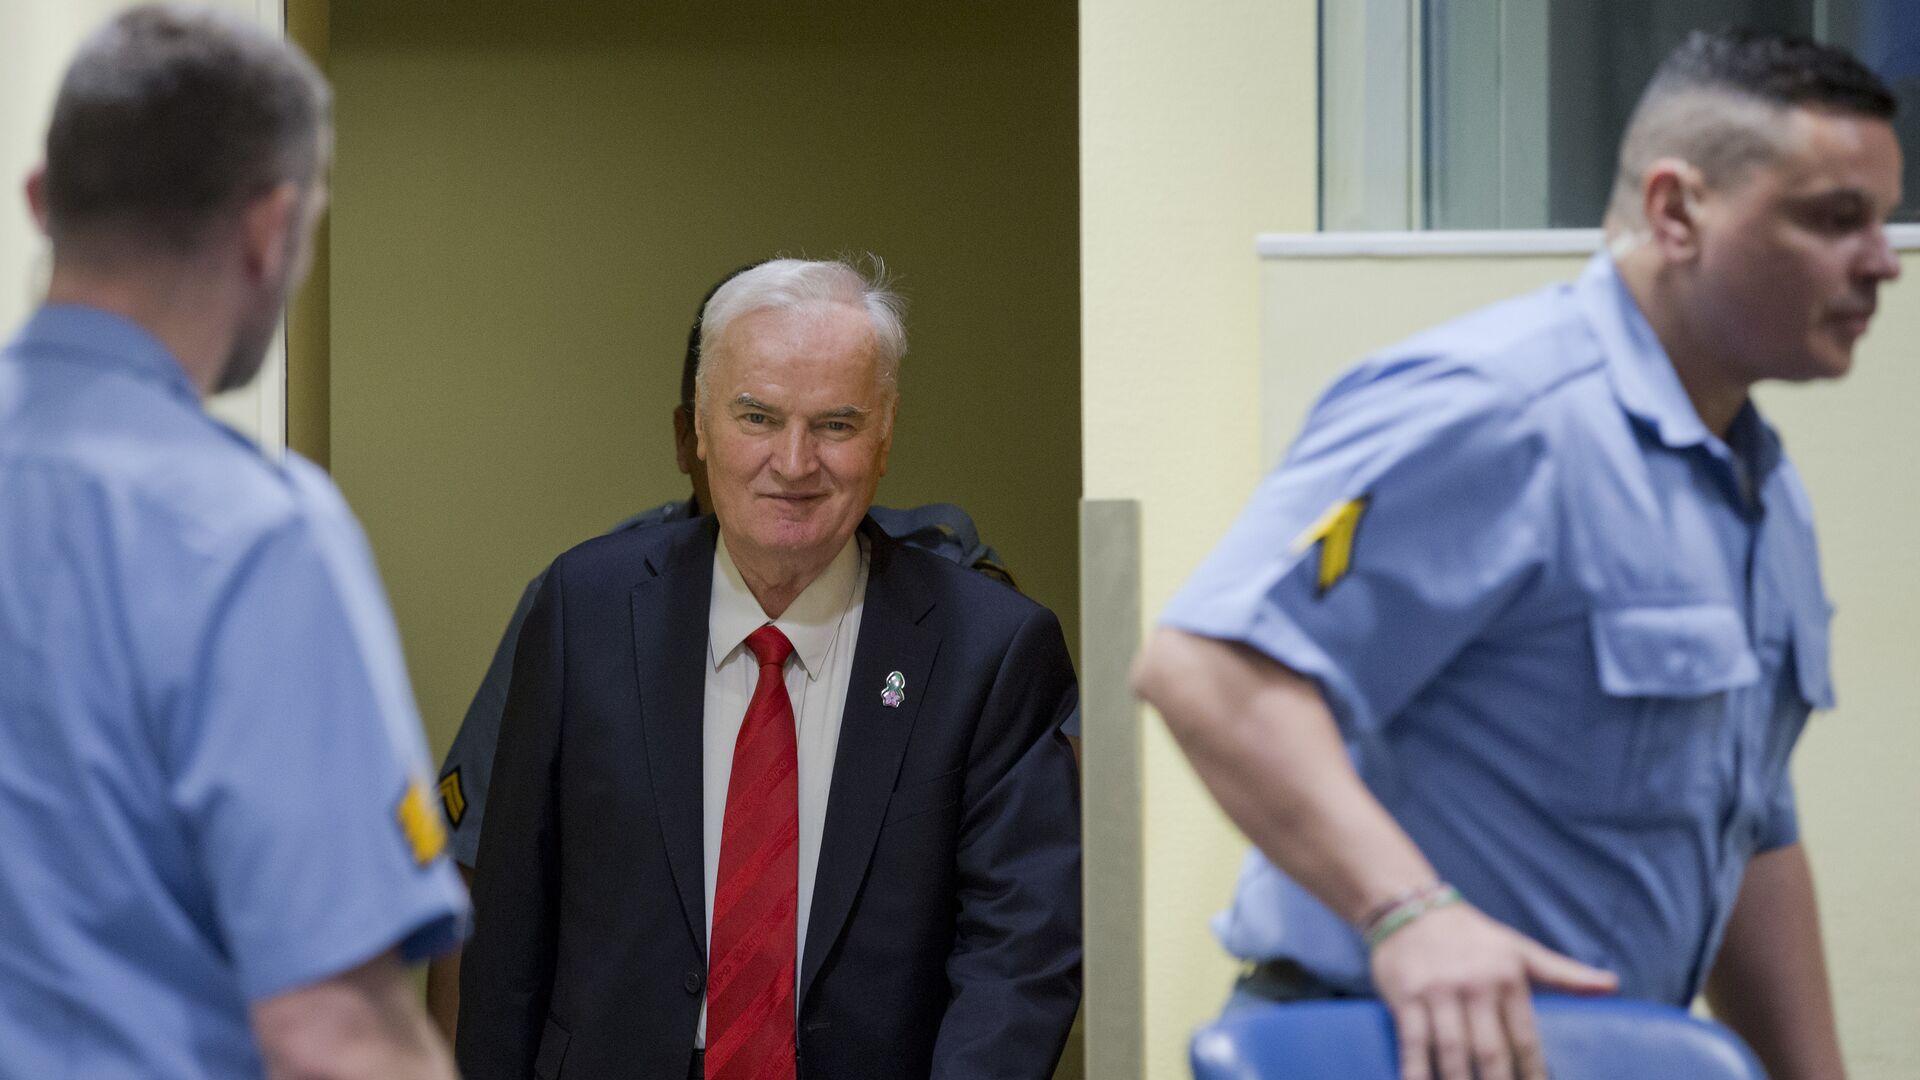 Сербский генерал Ратко Младич в Международном трибунале по бывшей Югославии (МТБЮ). 22 ноября 2017 - РИА Новости, 1920, 08.06.2021